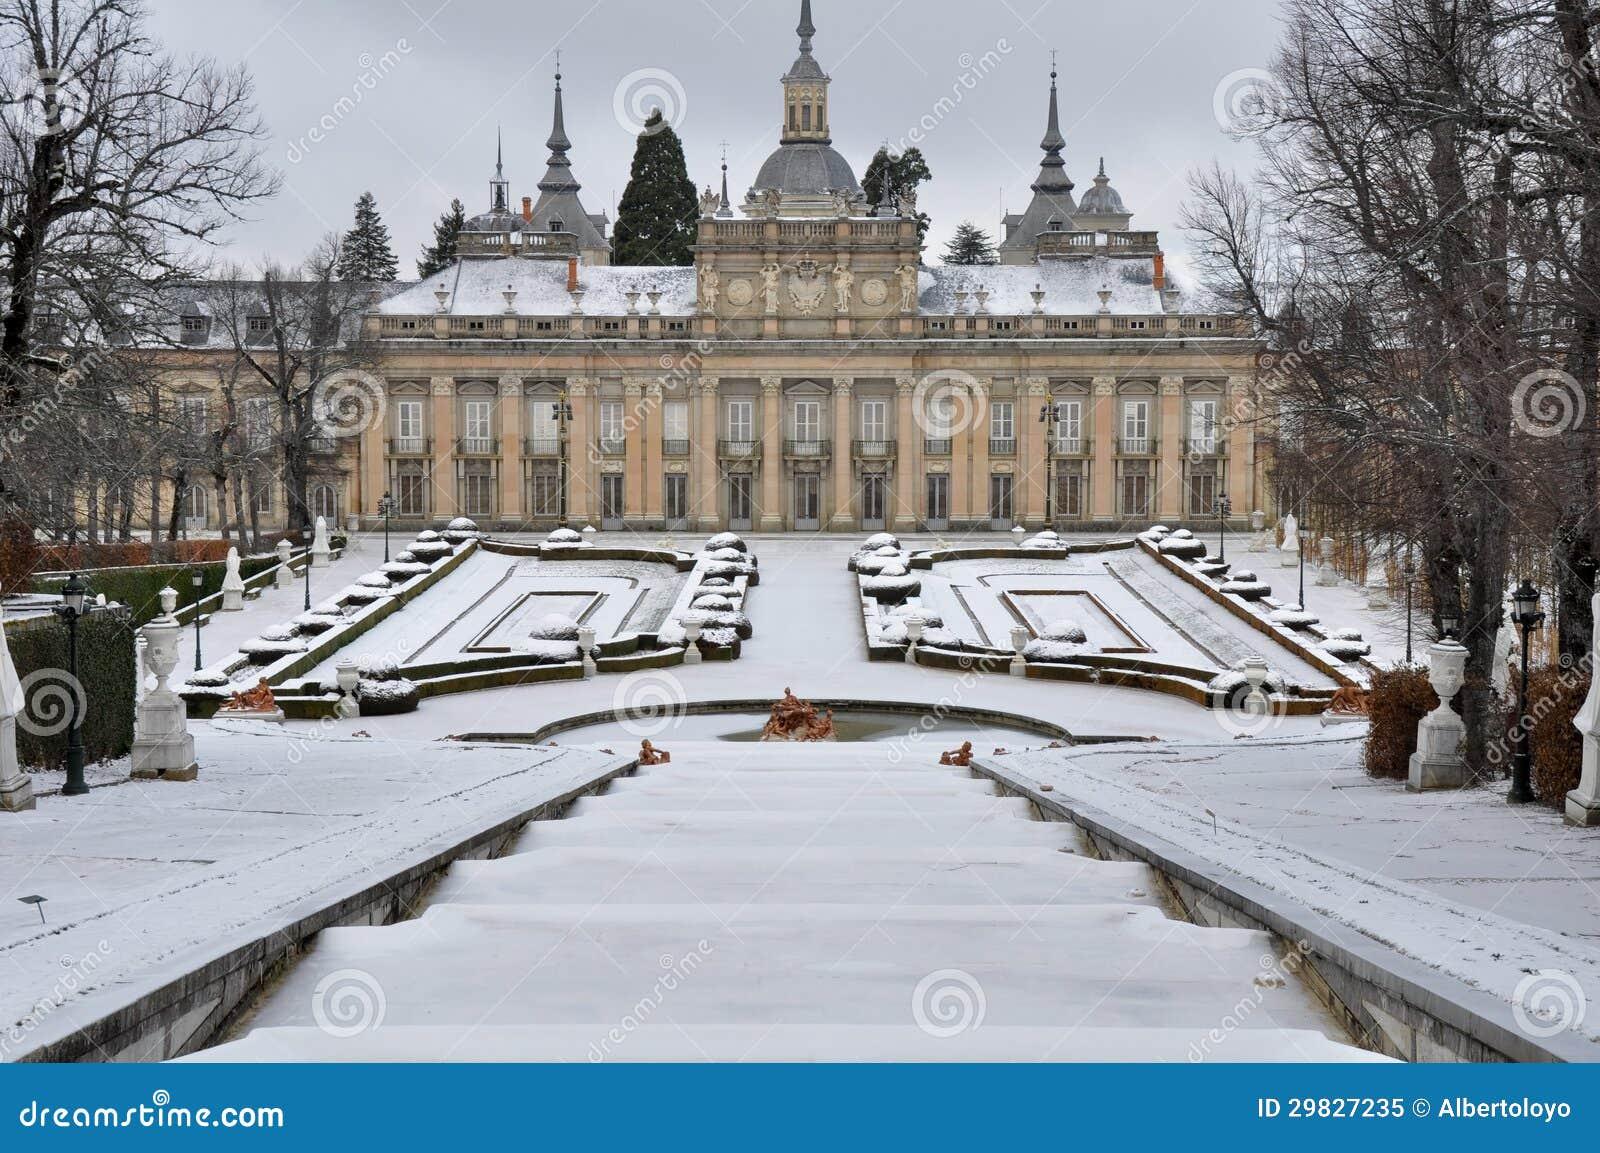 Royal palace of la granja de san ildefonso segovia spain - Parador de la granja fotos ...